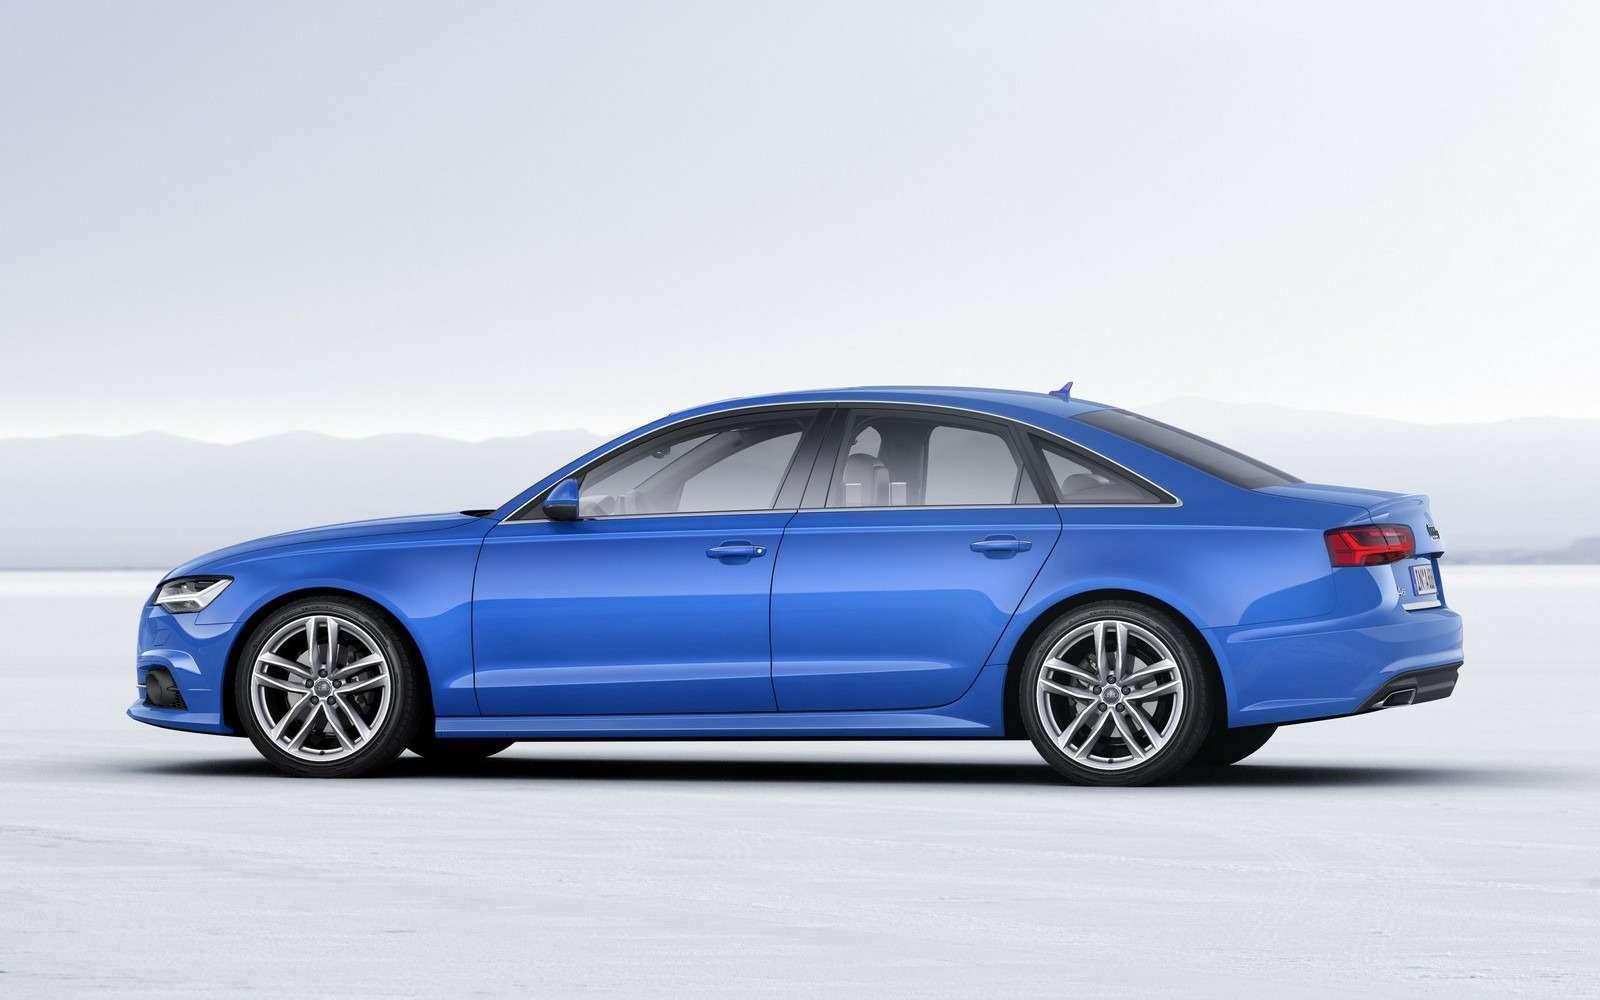 Обновленное семейство Audi A6/A7 хочет понравиться гаджетоманам— фото 579080